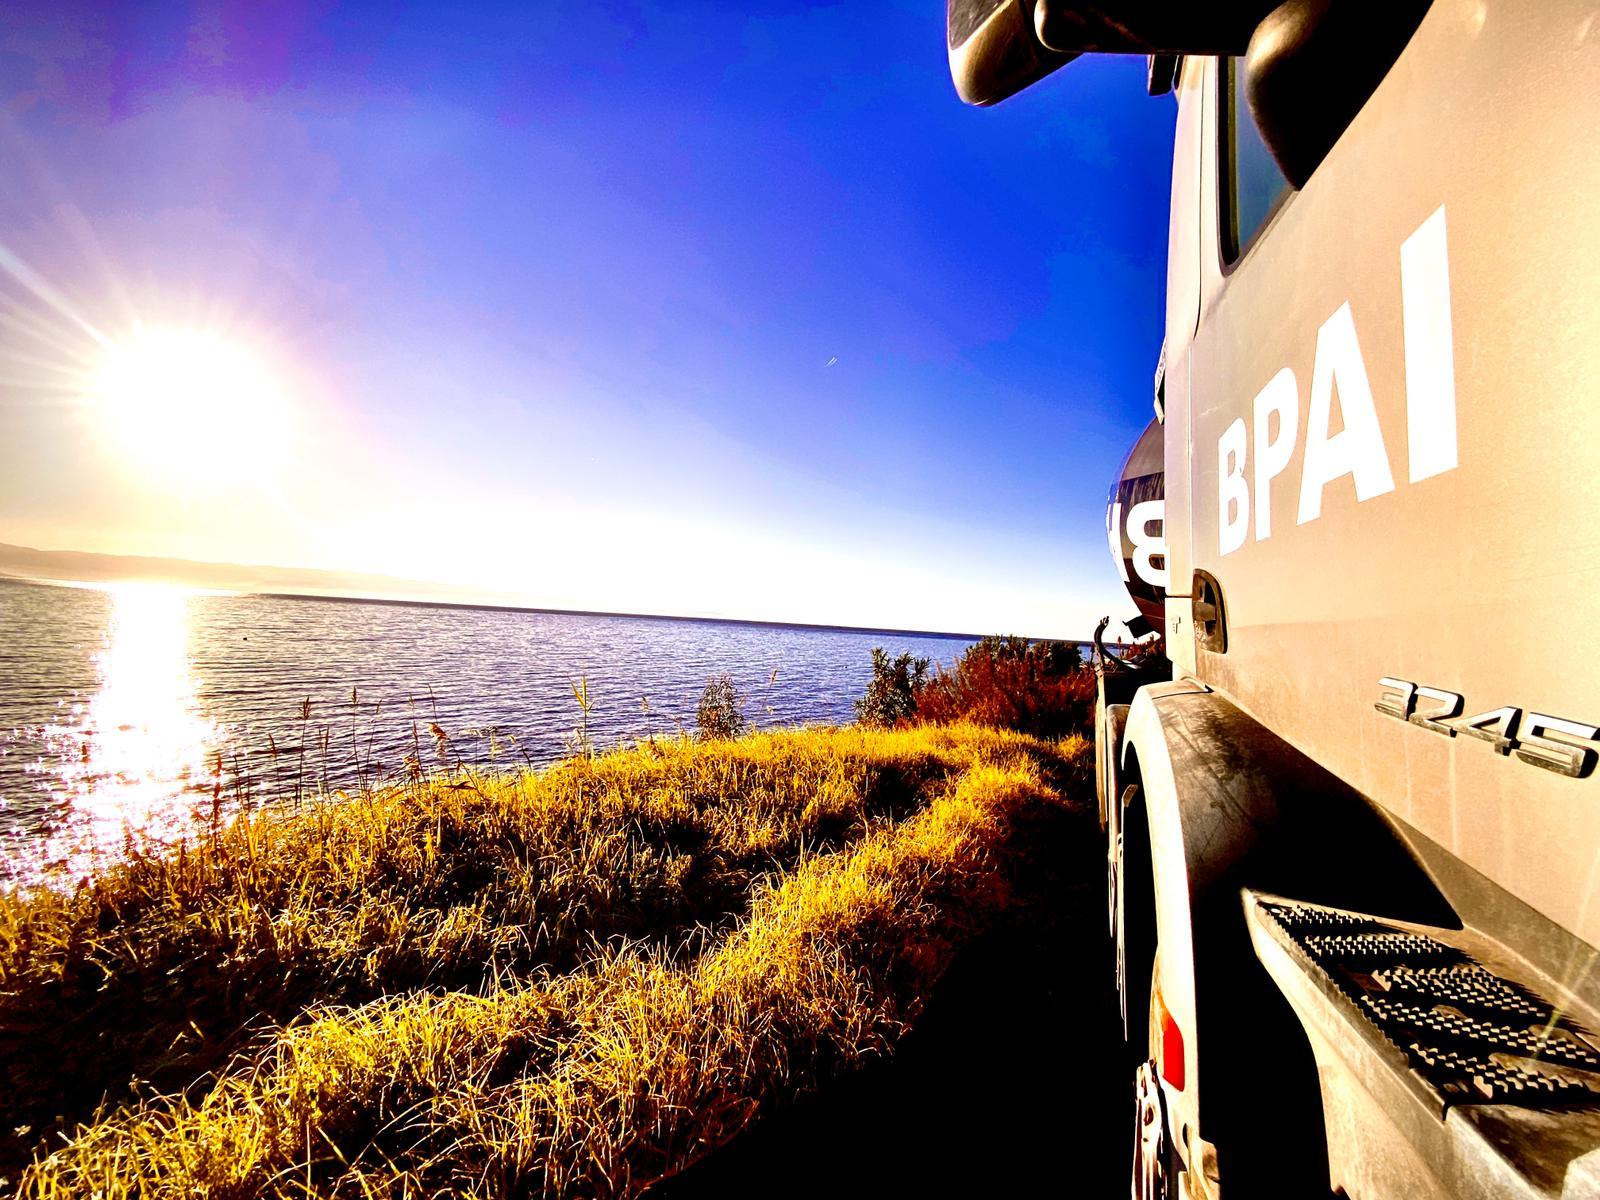 BPAI béton Ajaccio camion au couché de soleil